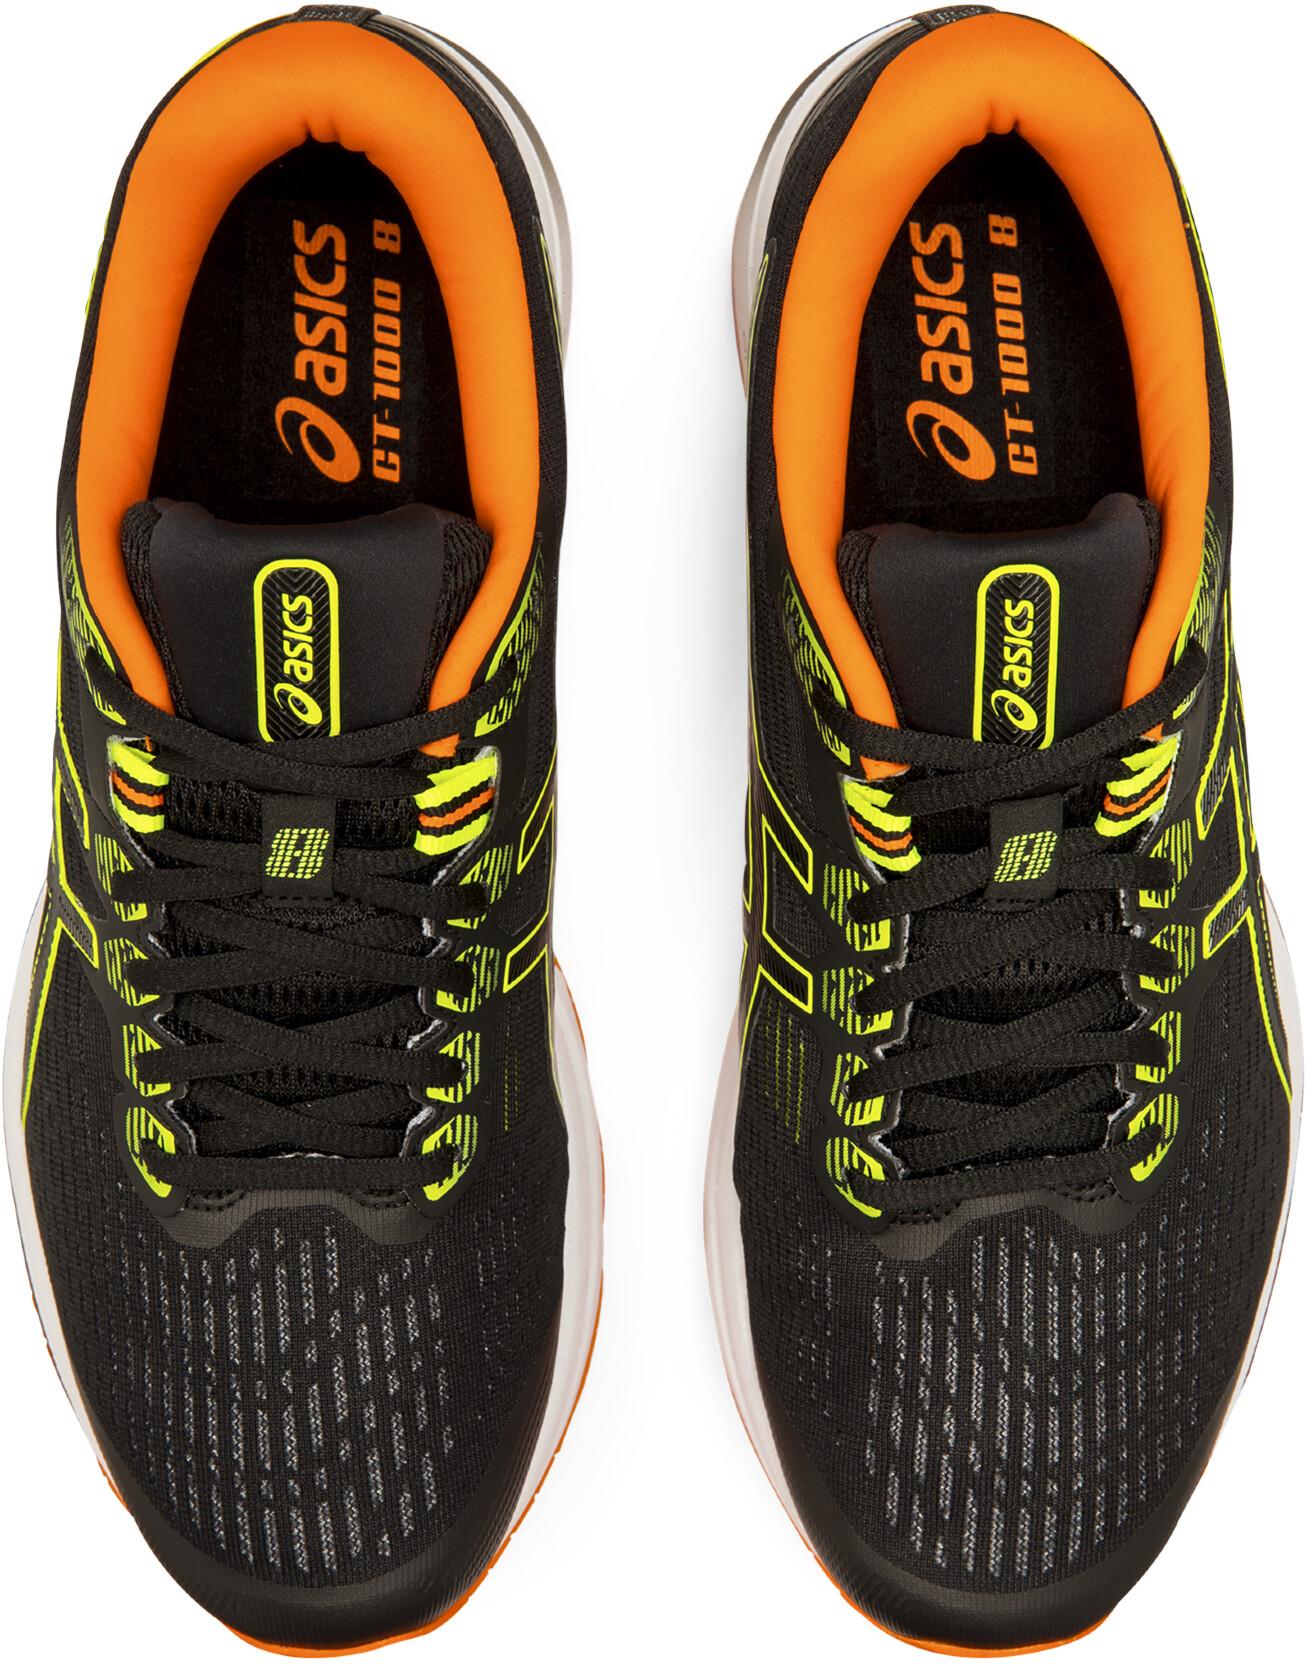 asics GT 1000 8 Scarpe Uomo, blacksafety yellow